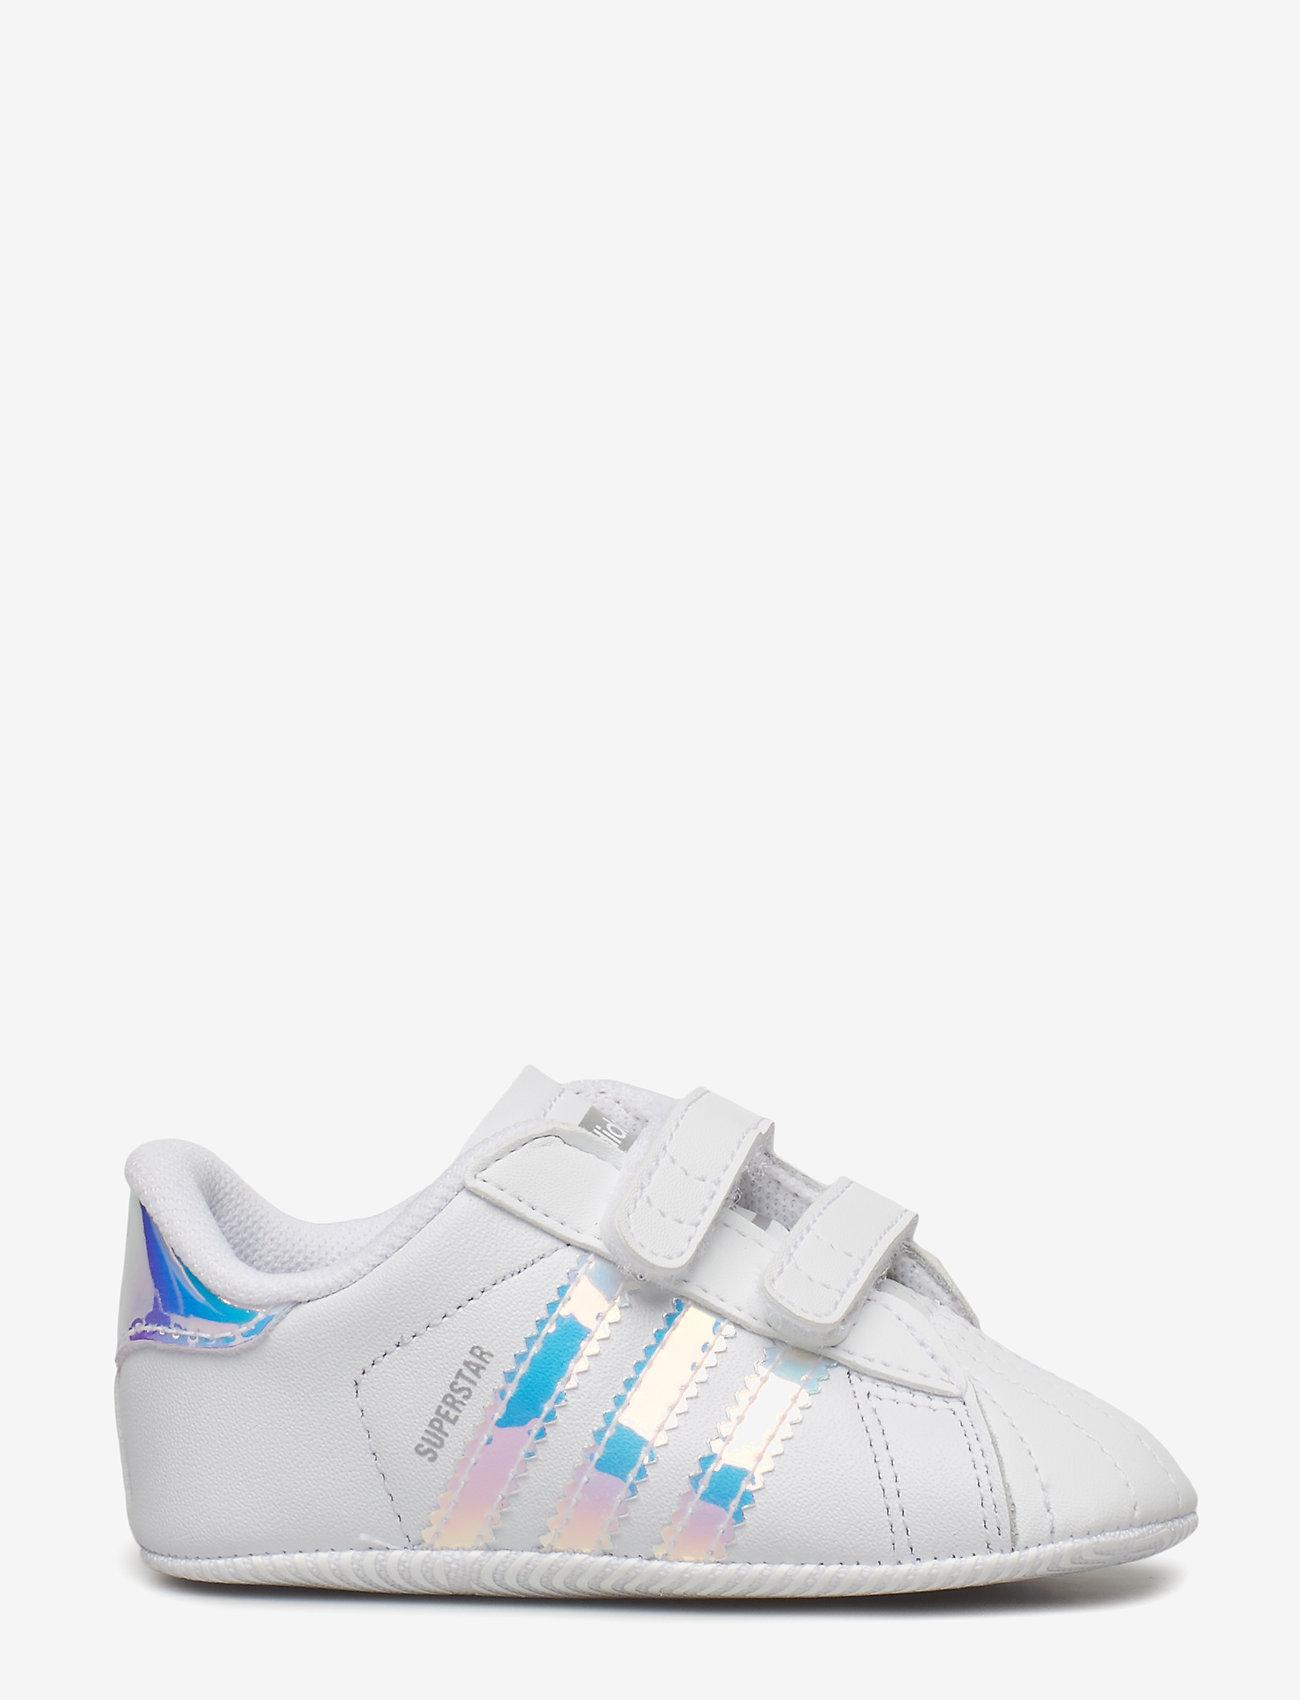 rock formar brecha  Superstar (Ftwwht/ftwwht/cblack) (35 €) - adidas Originals - | Boozt.com